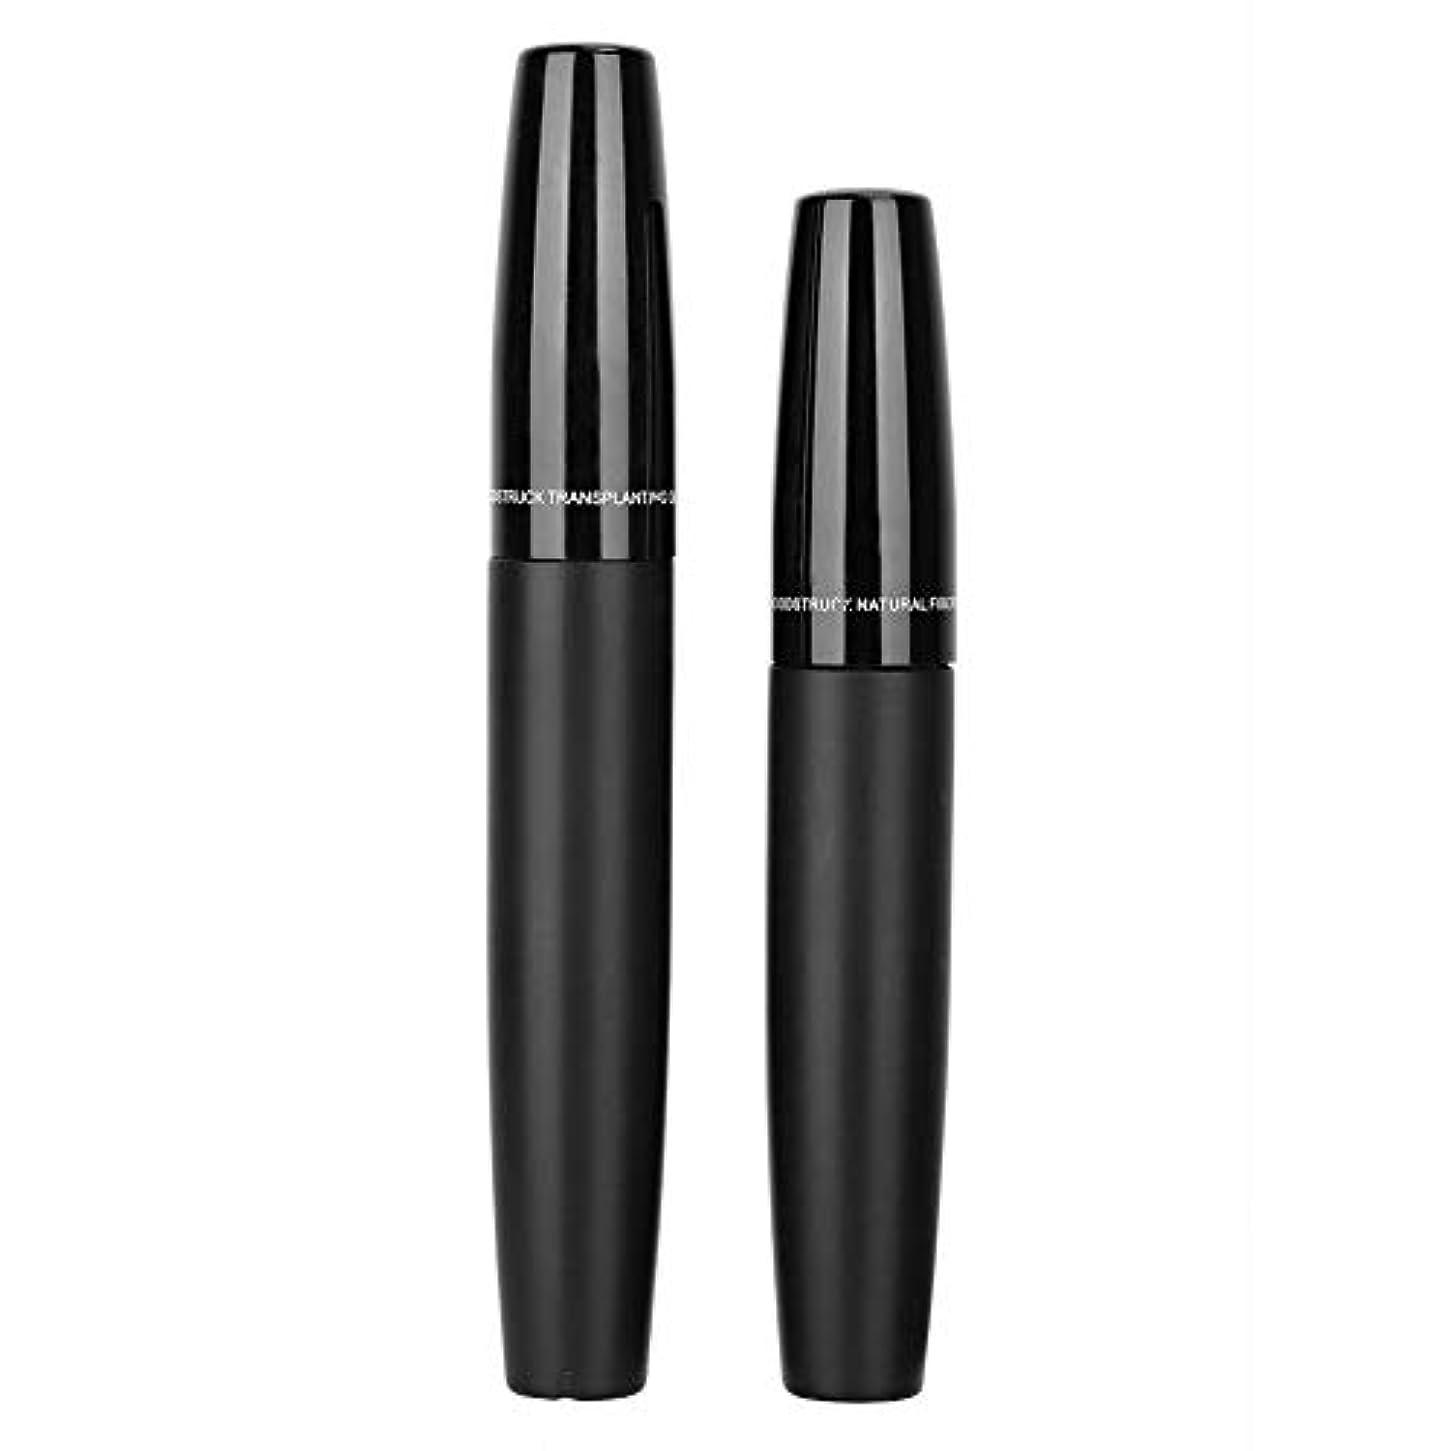 パプアニューギニア記憶ランチ3Dマスカラ、2本ブラックチューブまつげ繊維セット緻密カーリングまつげエクステンション化粧品